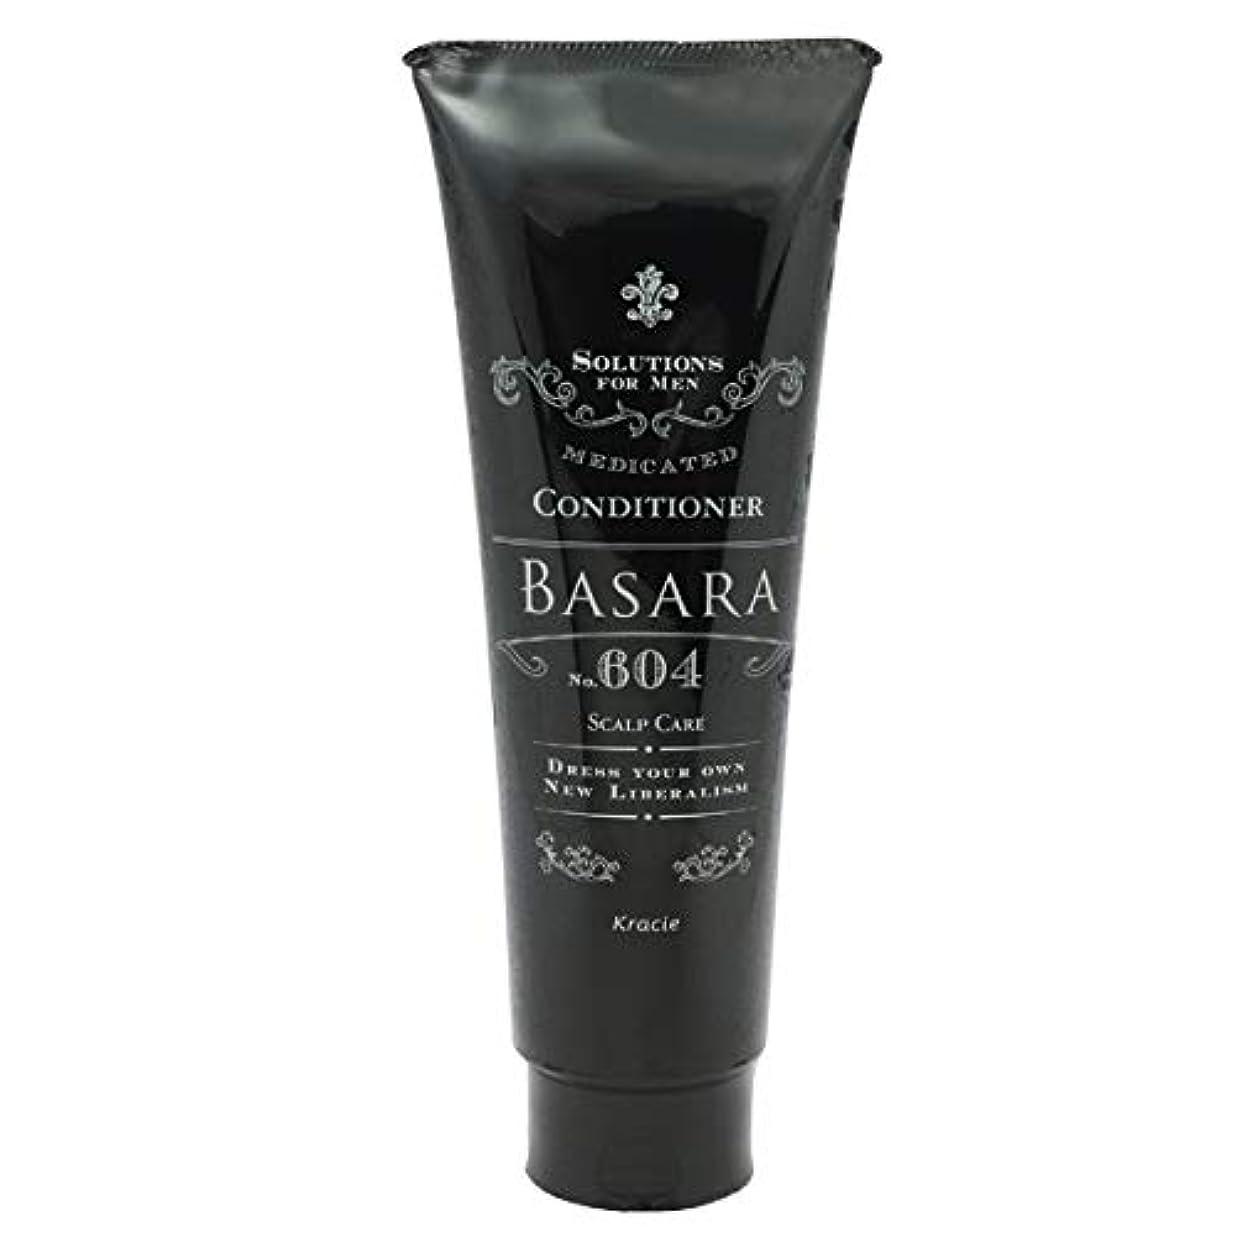 記者ジャズ圧縮するサロンモード(Salon Mode) クラシエ バサラ 薬用スカルプ コンディショナー 604 250g